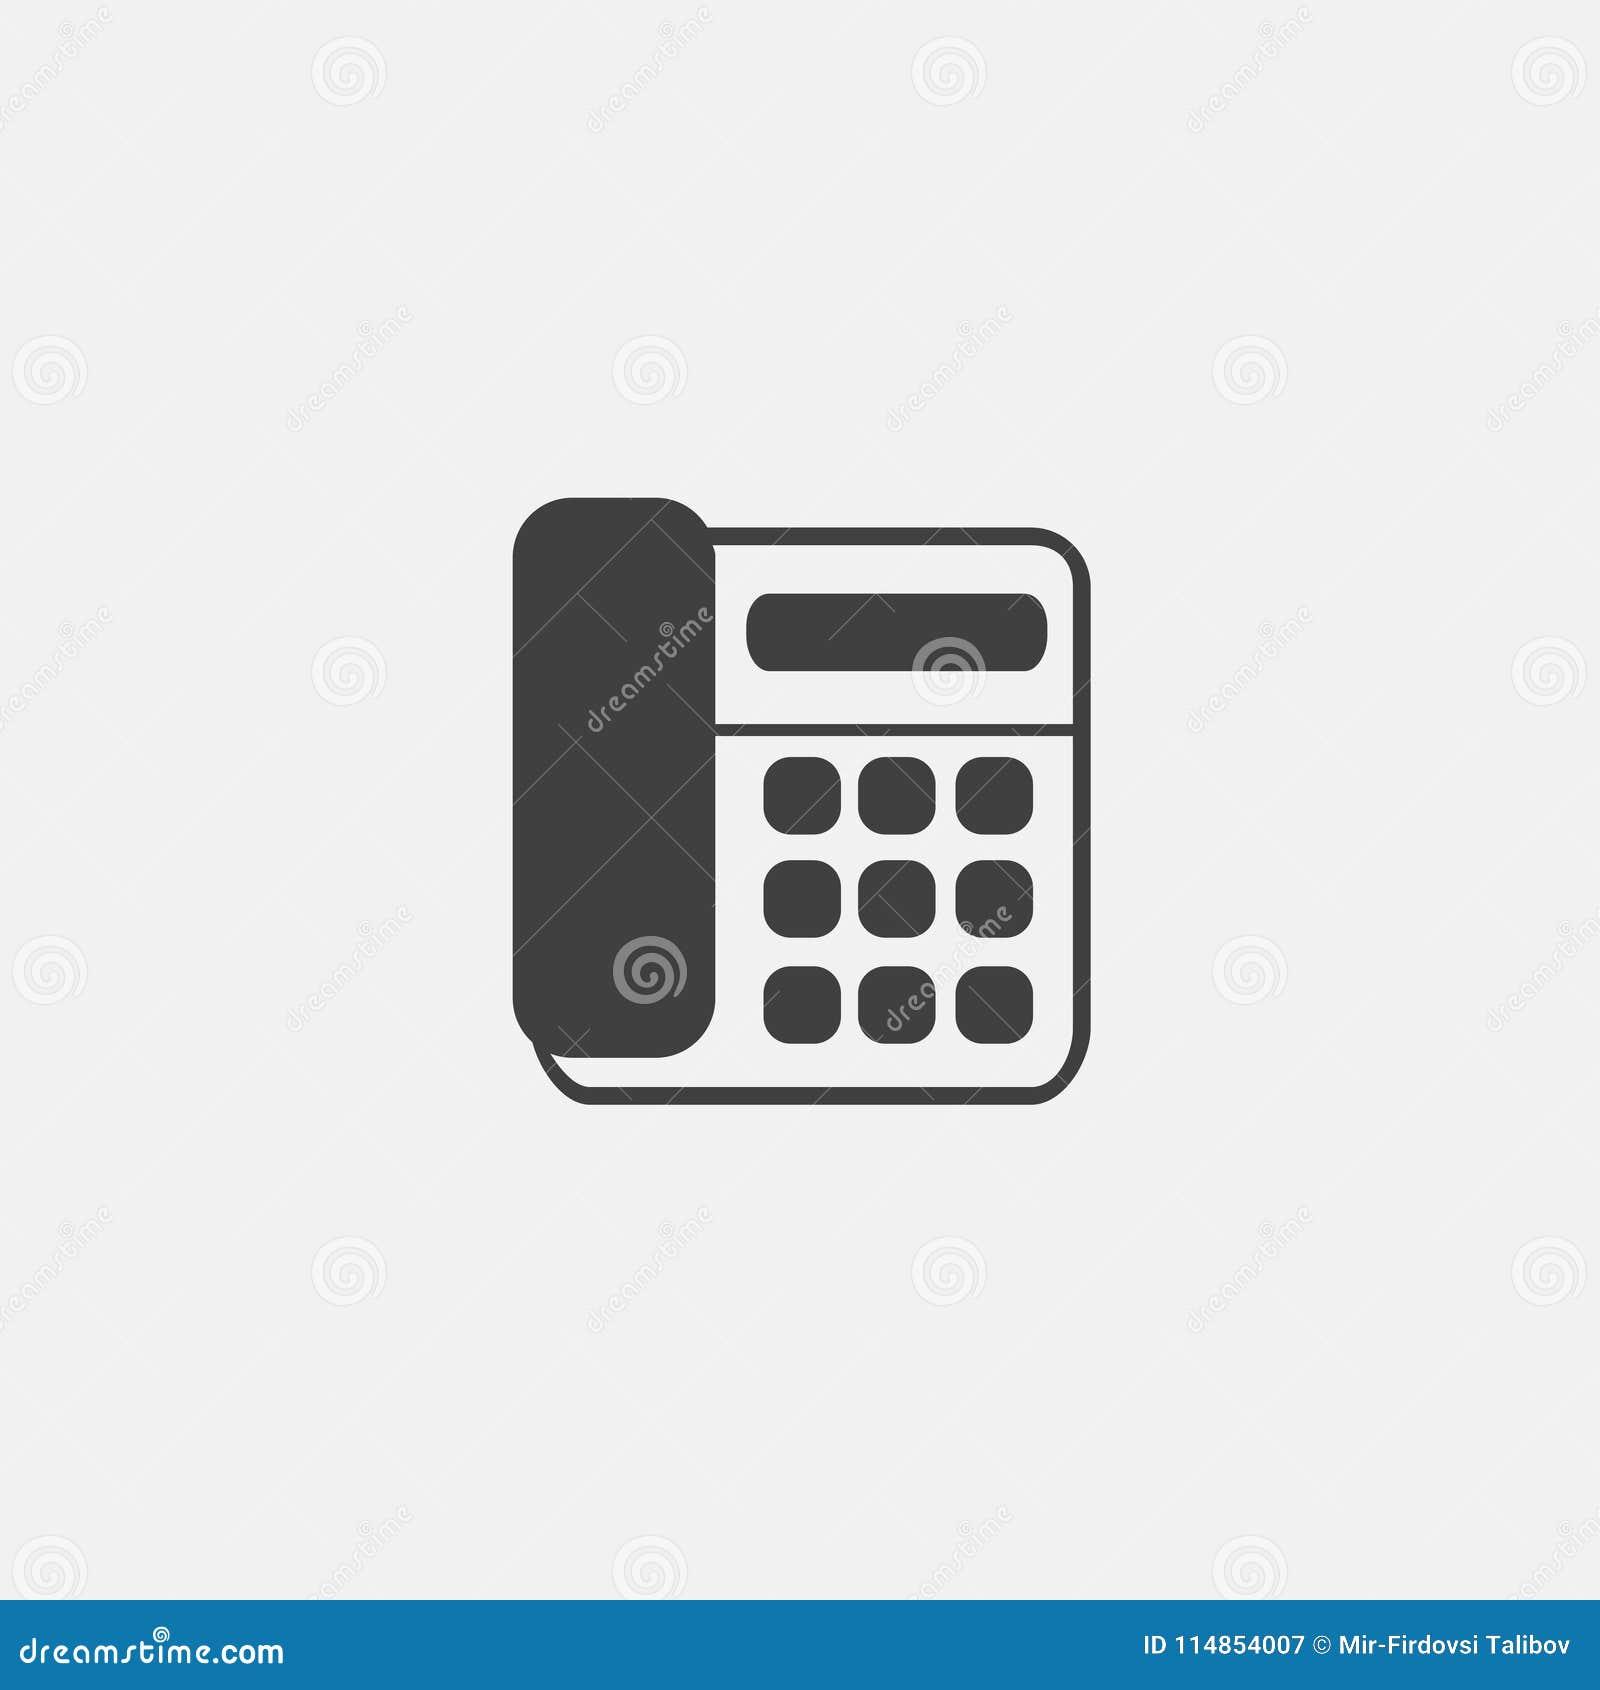 Symbolsvektor för hem- telefon